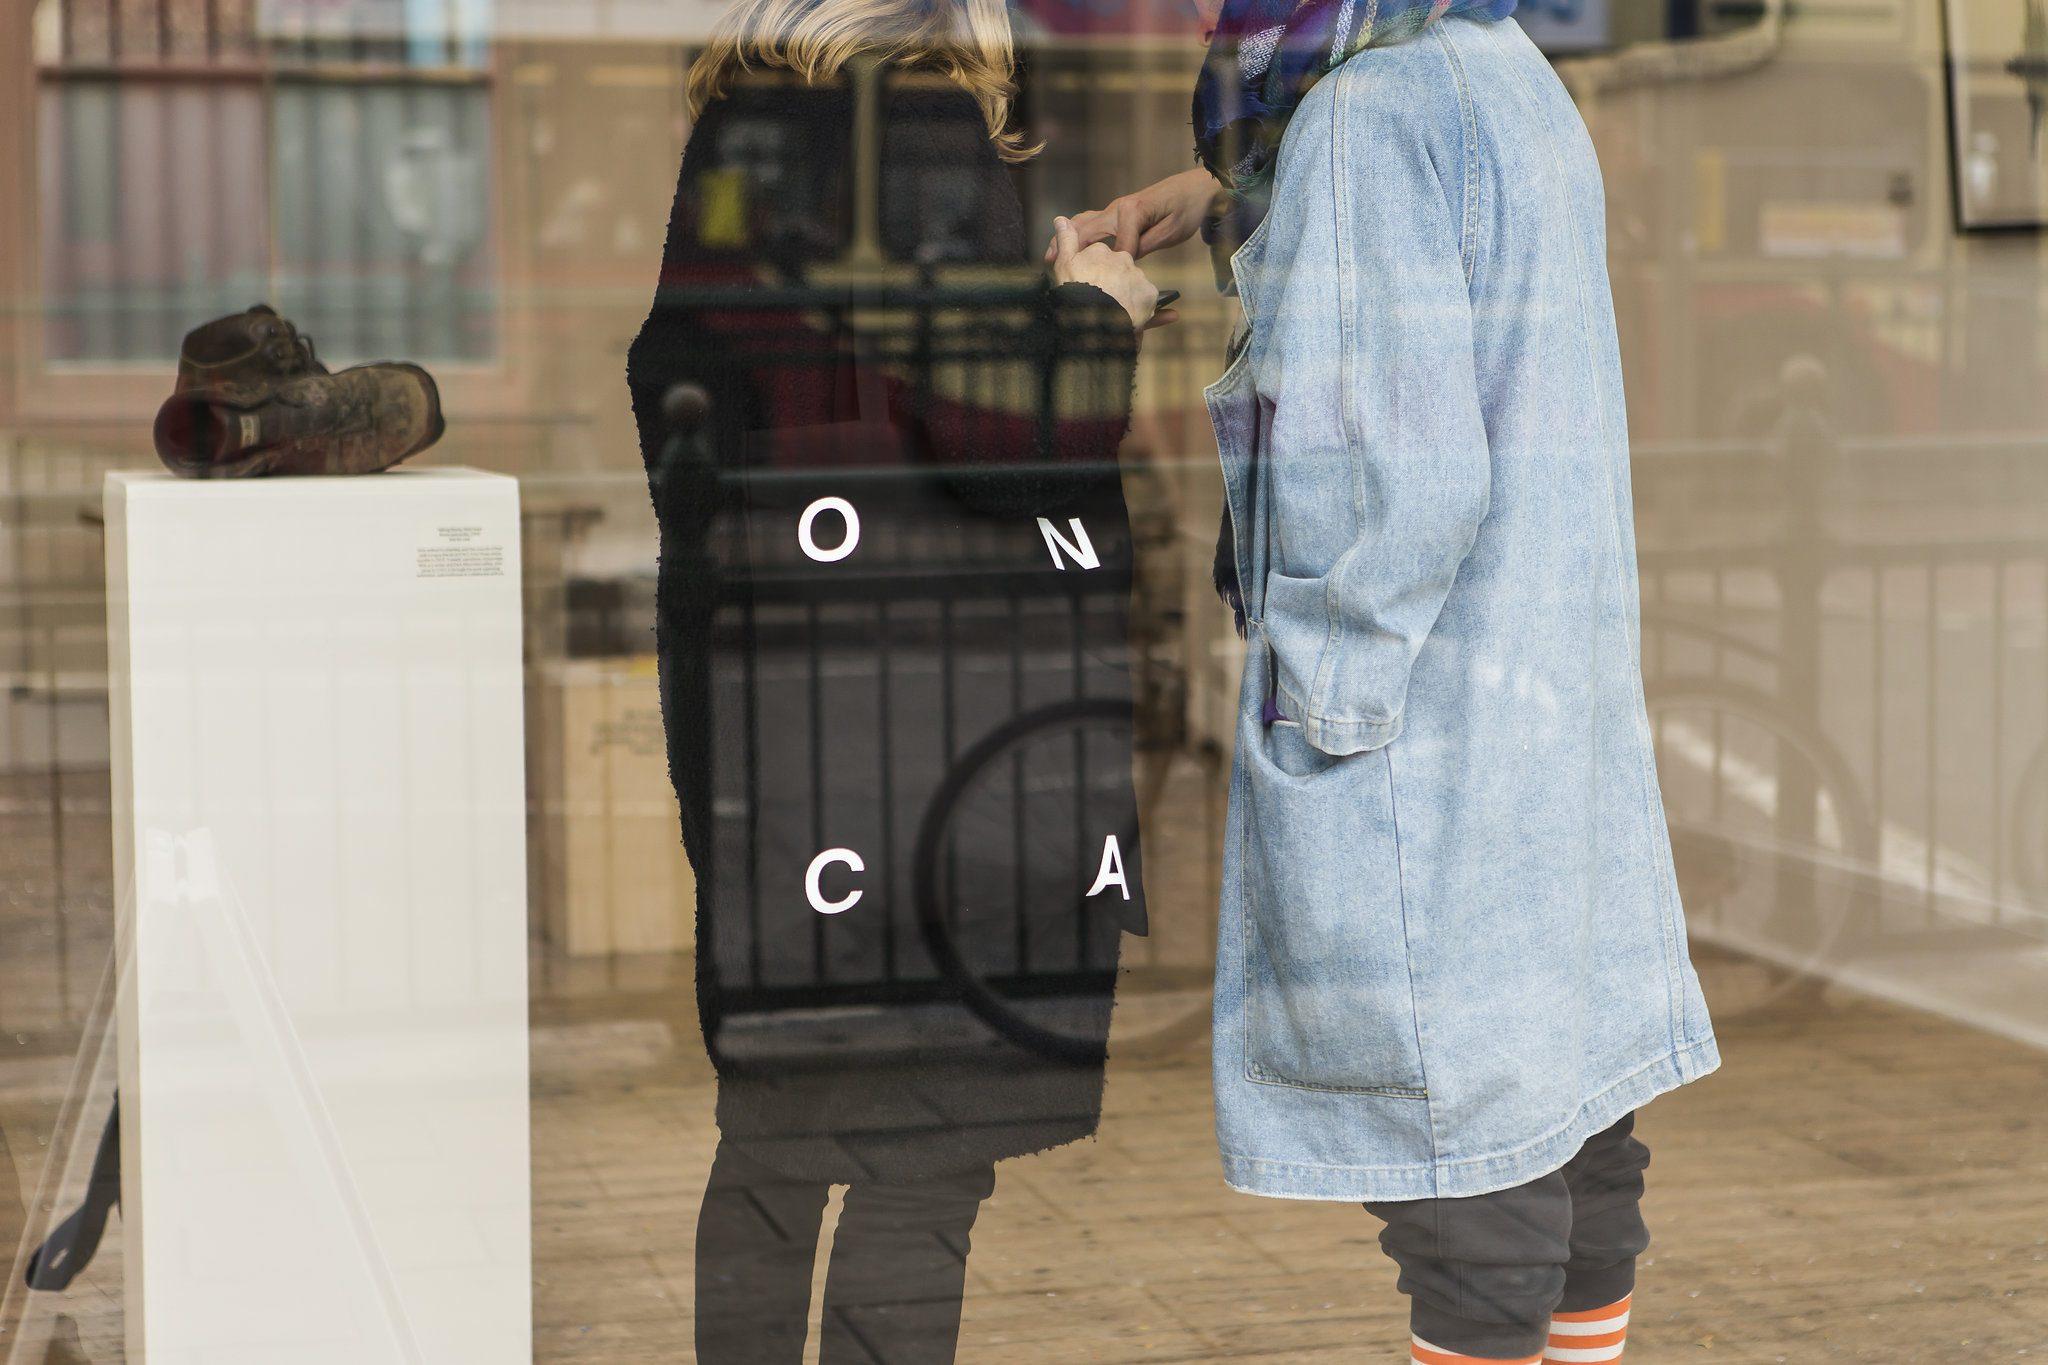 O N C A Tote Bag